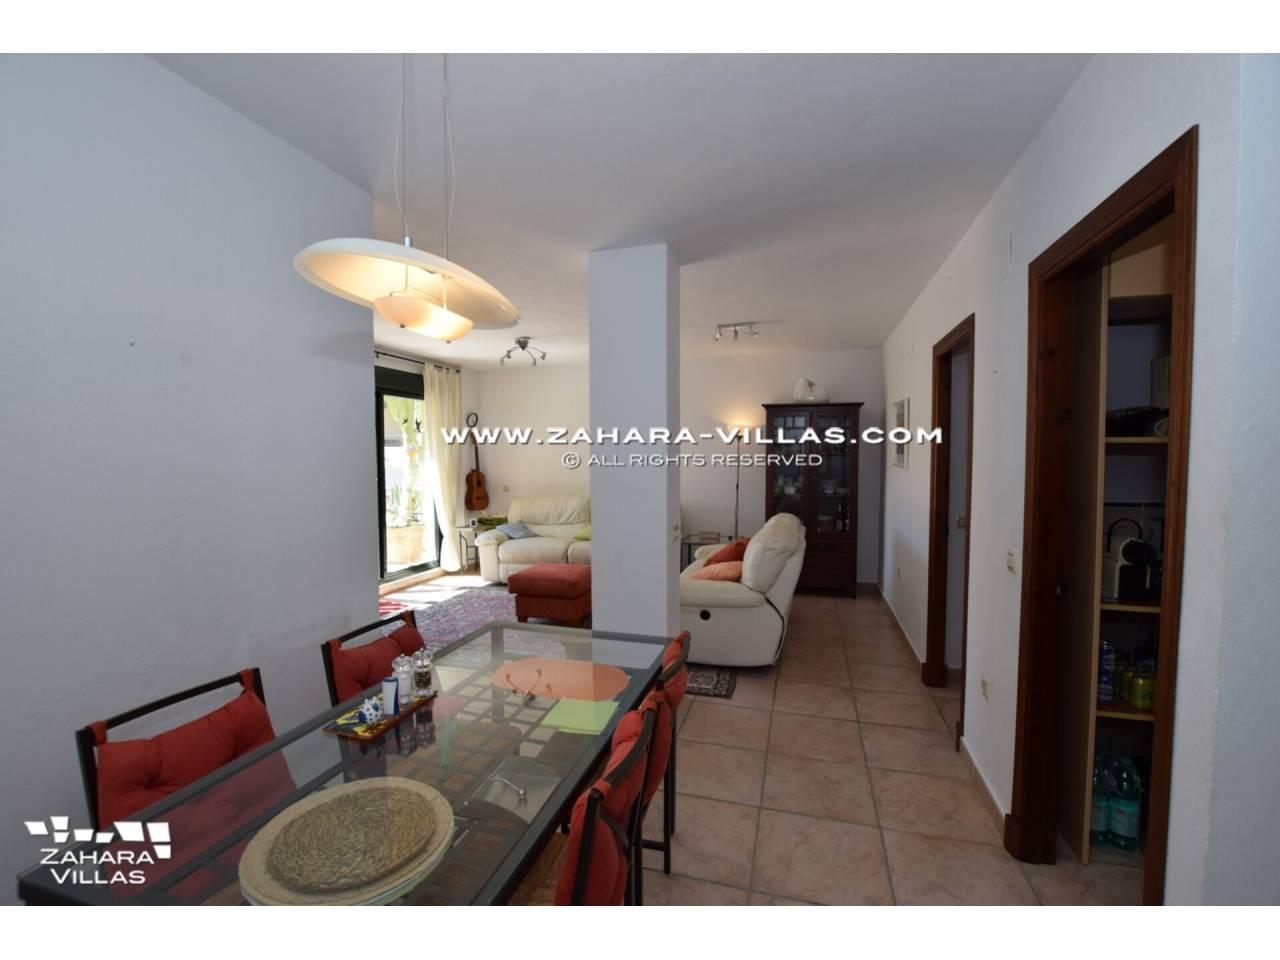 Imagen 9 de Penthouse apartment for sale in Zahara de los Atunes